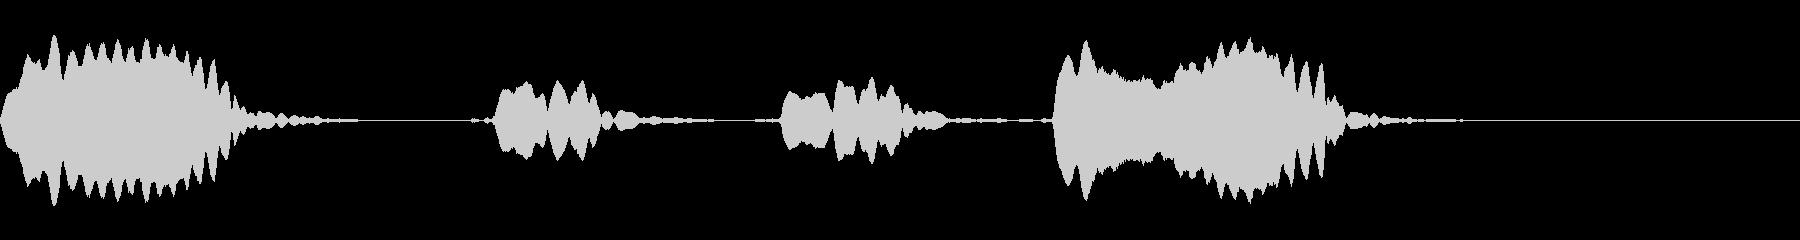 ピッピピピッ!◇ホイッスル、笛、警笛の未再生の波形